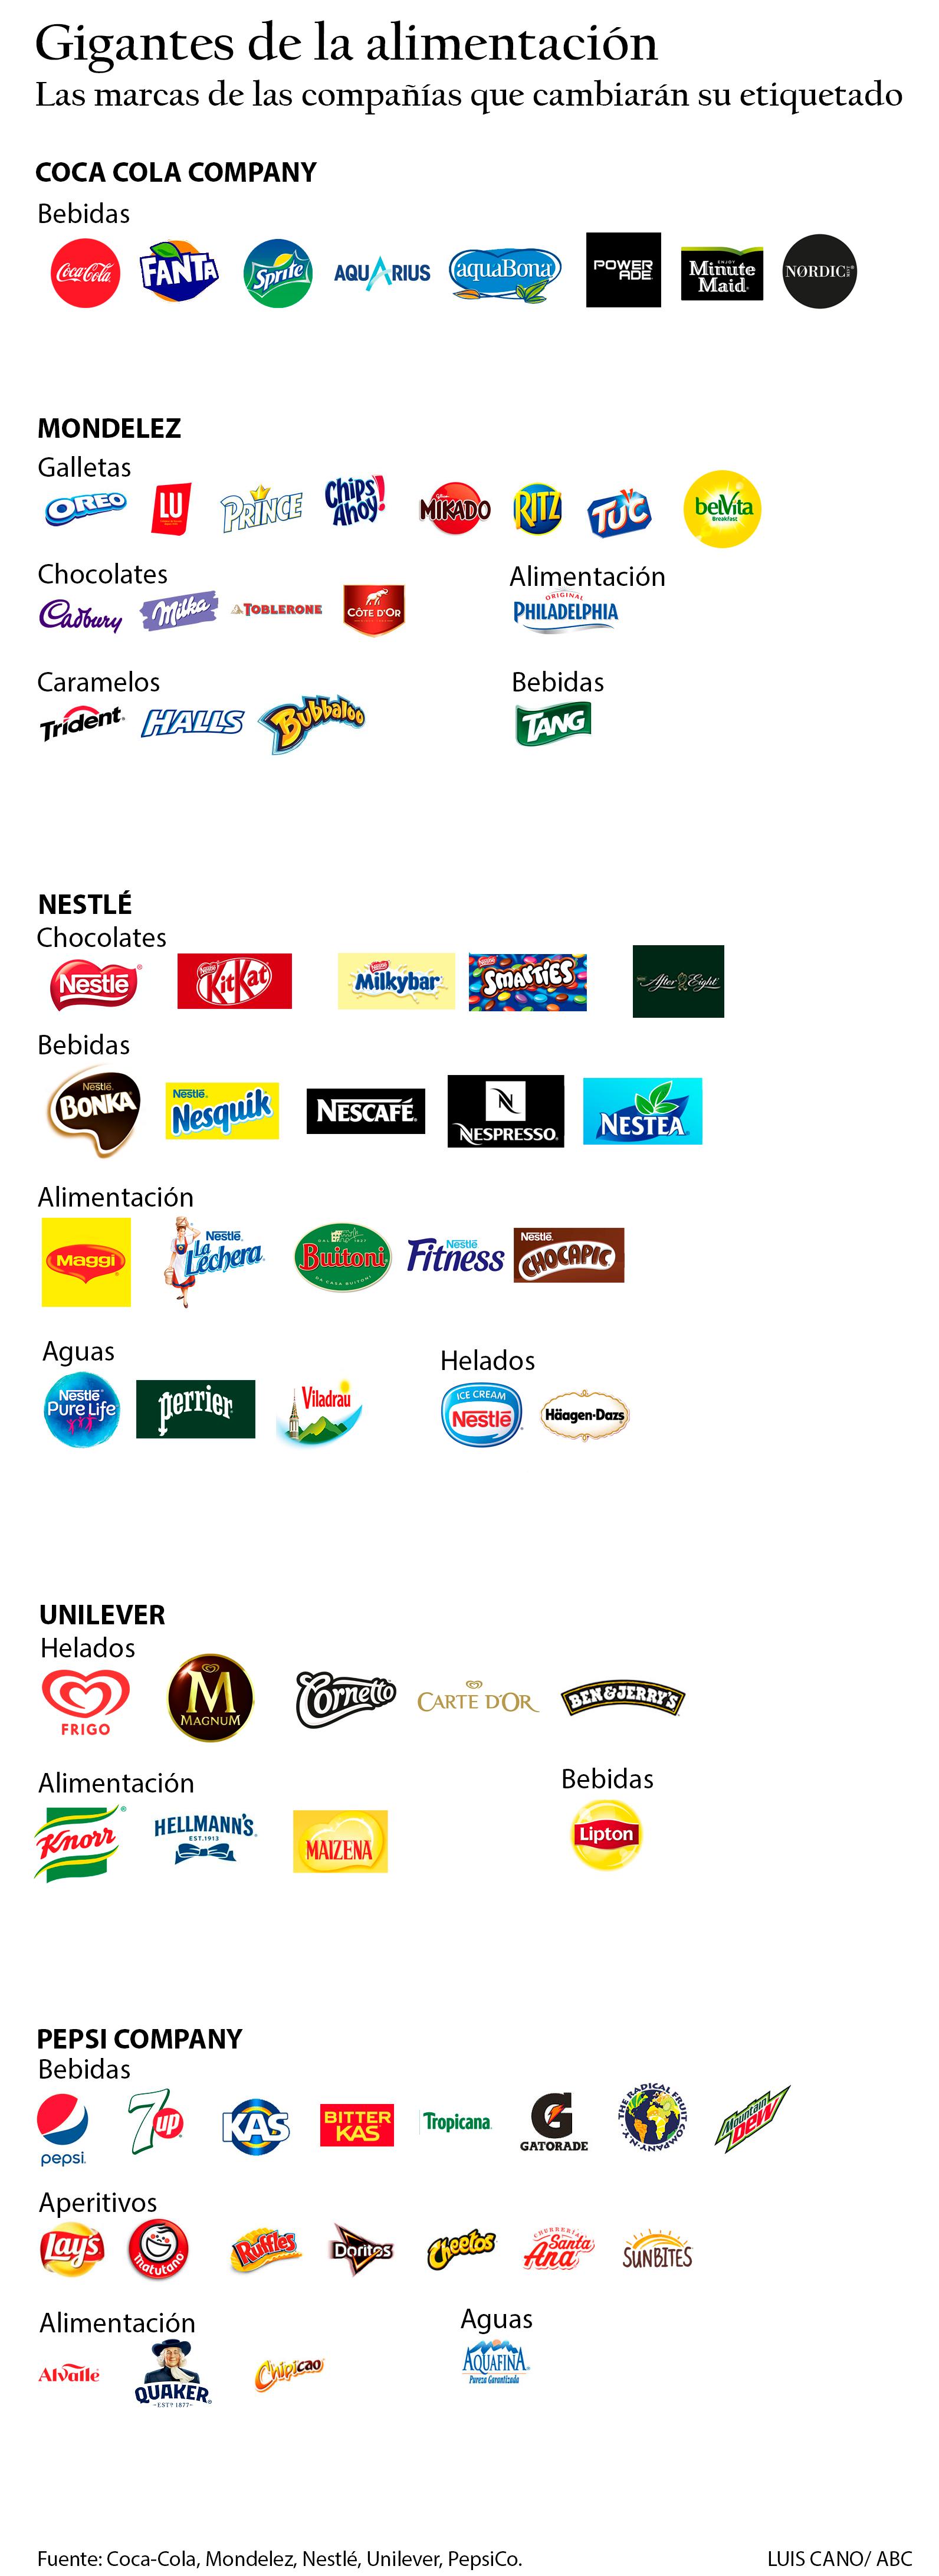 Las marcas de las multinacionales que cambiarán su etiquetado